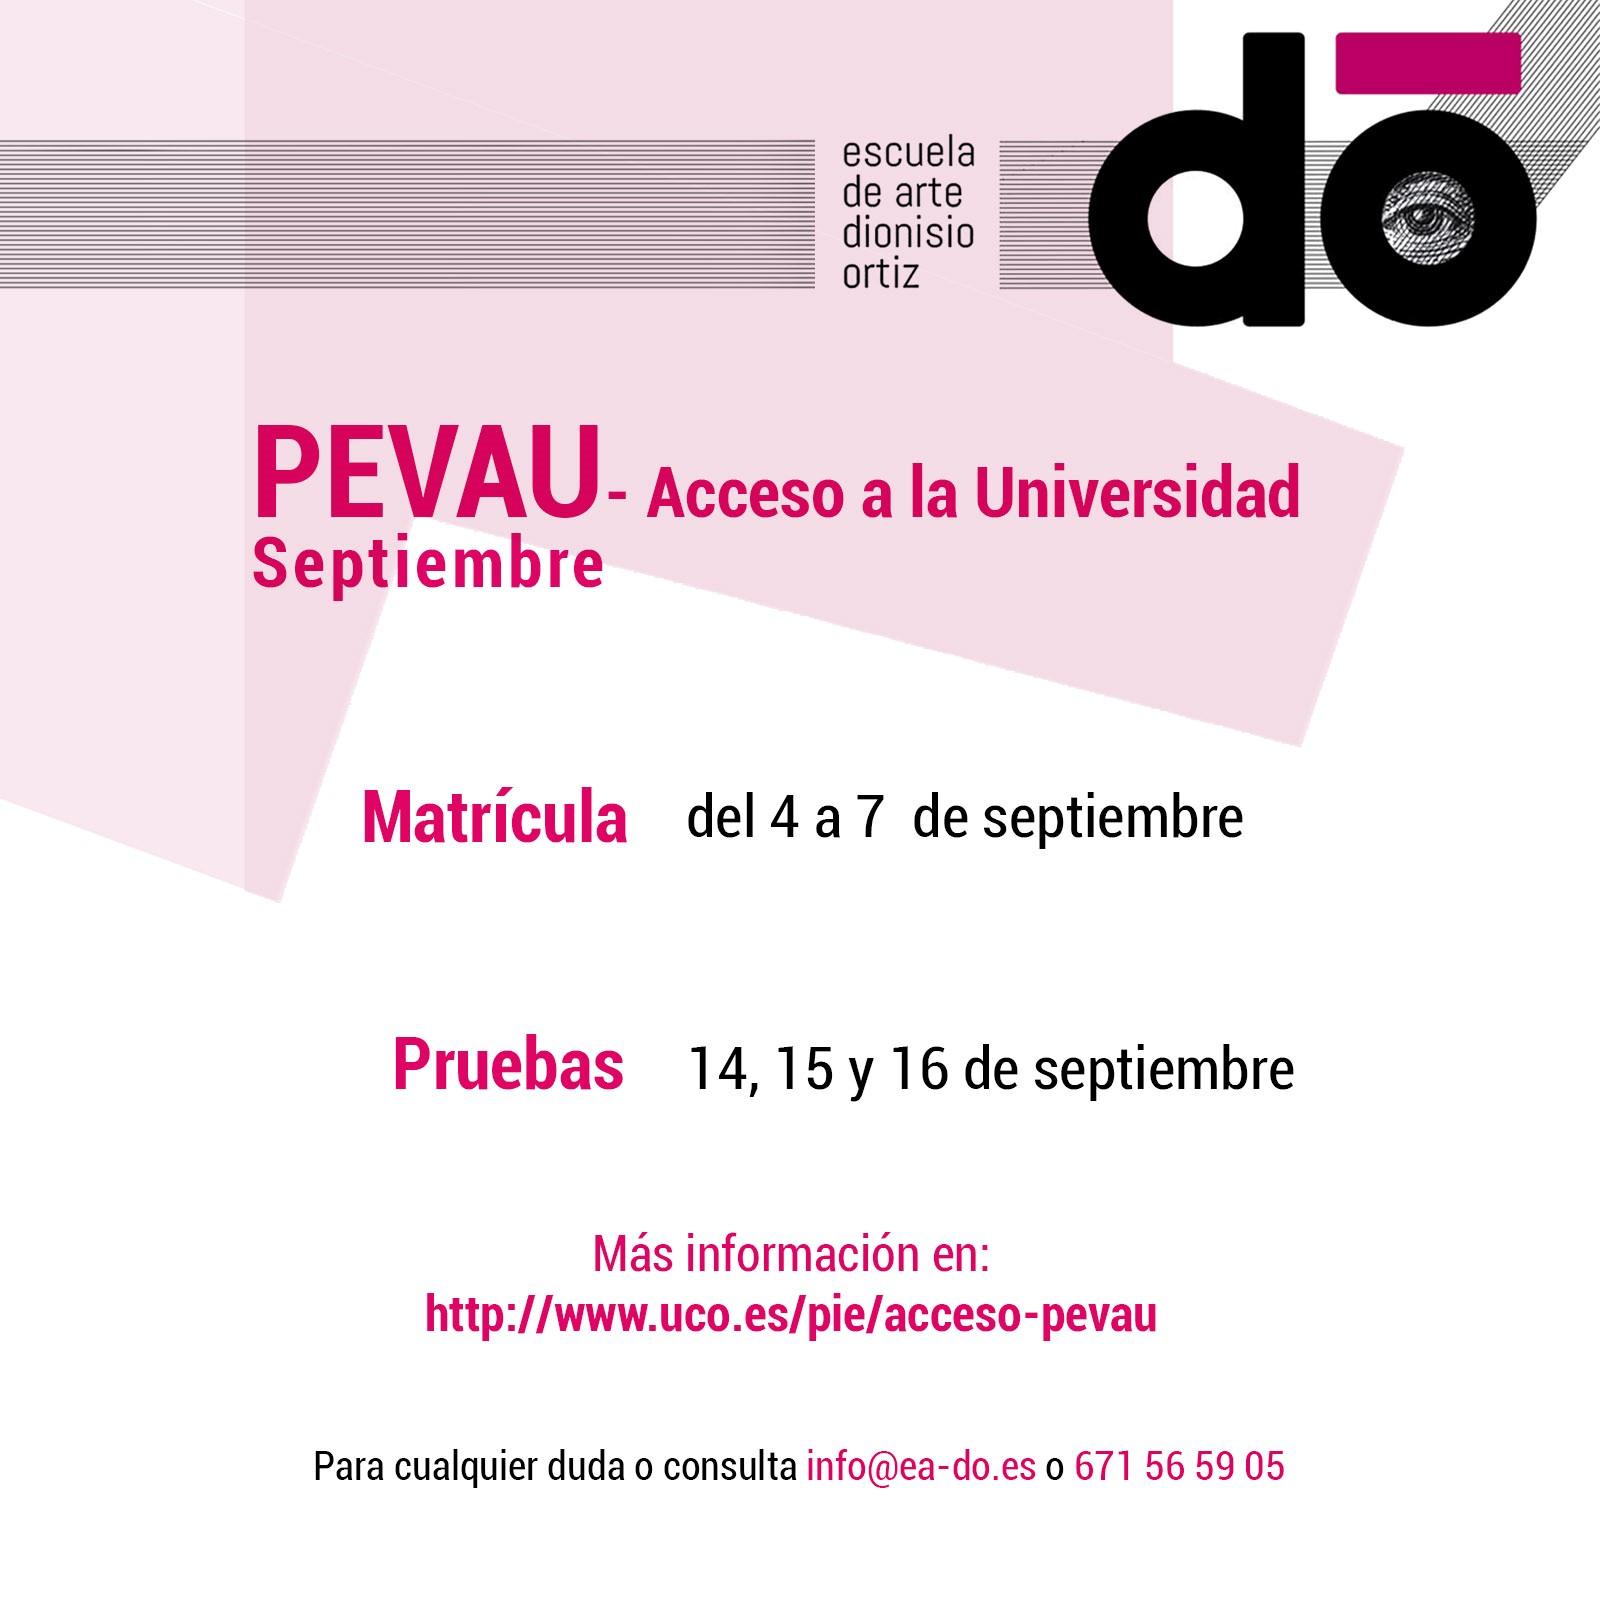 PEVAU - Acceso a la Universidad - Septiembre - 2020